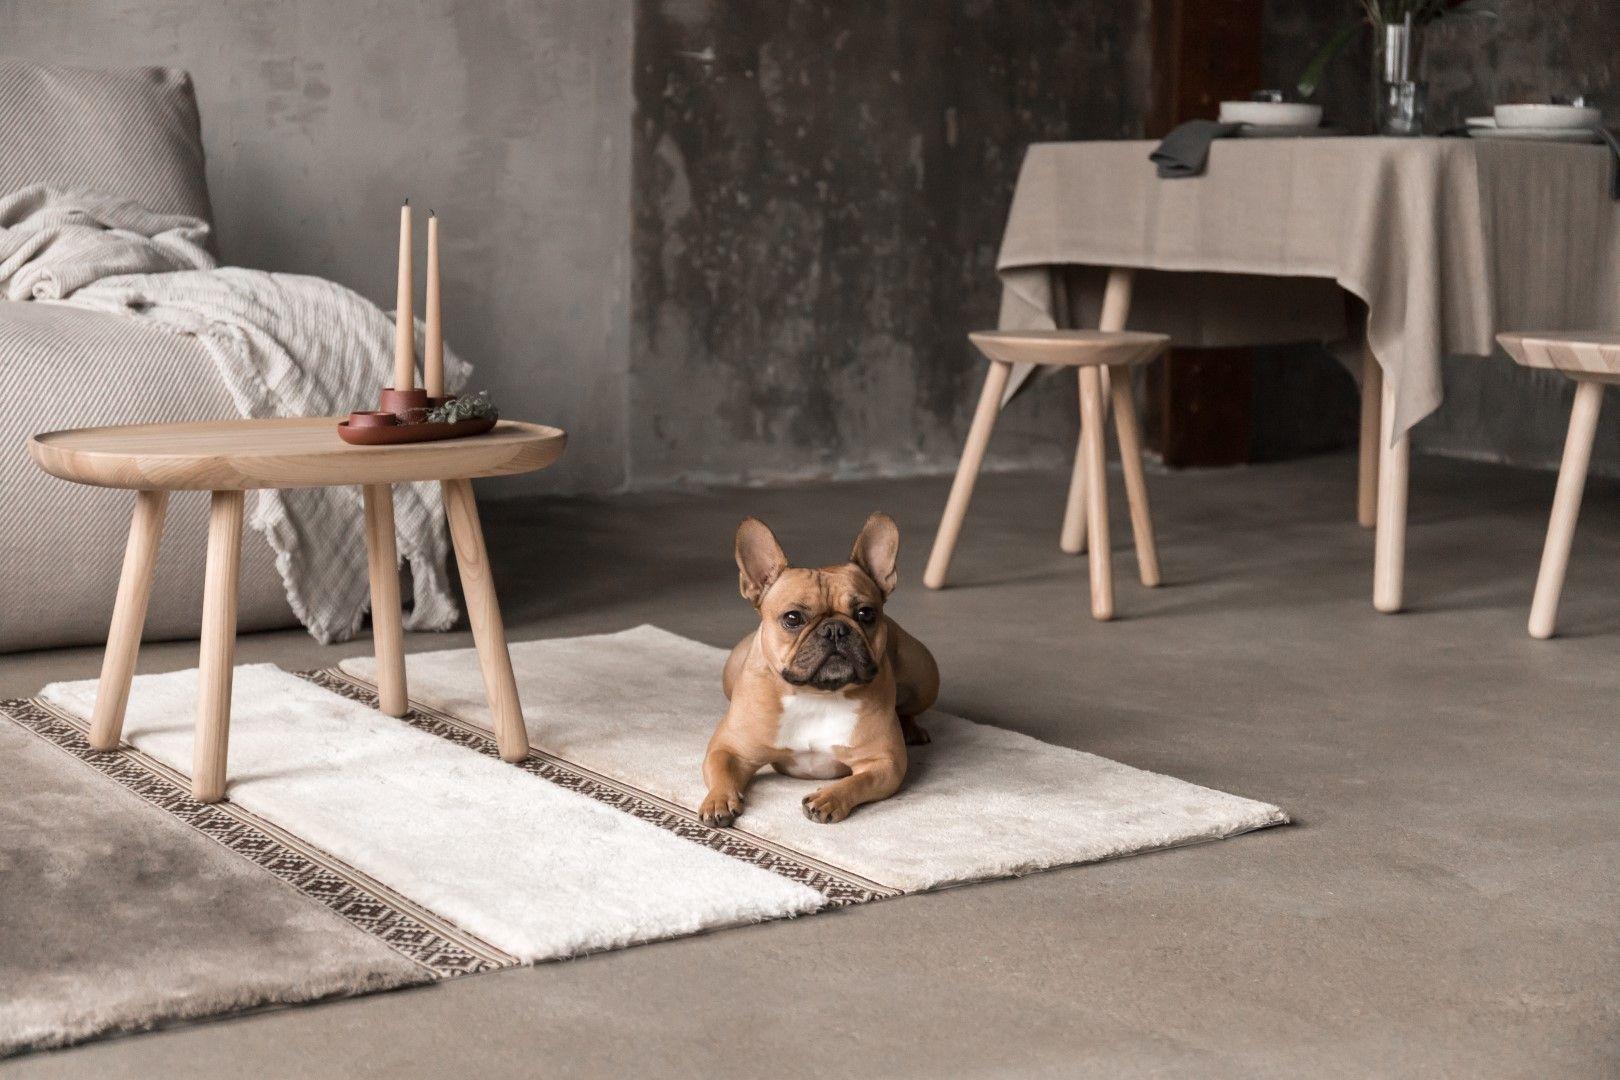 W uzyskaniu harmonijnej całość pomogą też wełniane koce, przyjemne dla bosych stóp dywany oraz lite drewno. Wszystko, co wprowadzi domowników w dobry nastrój, będzie tutaj mile widziane. Fot. Puszku